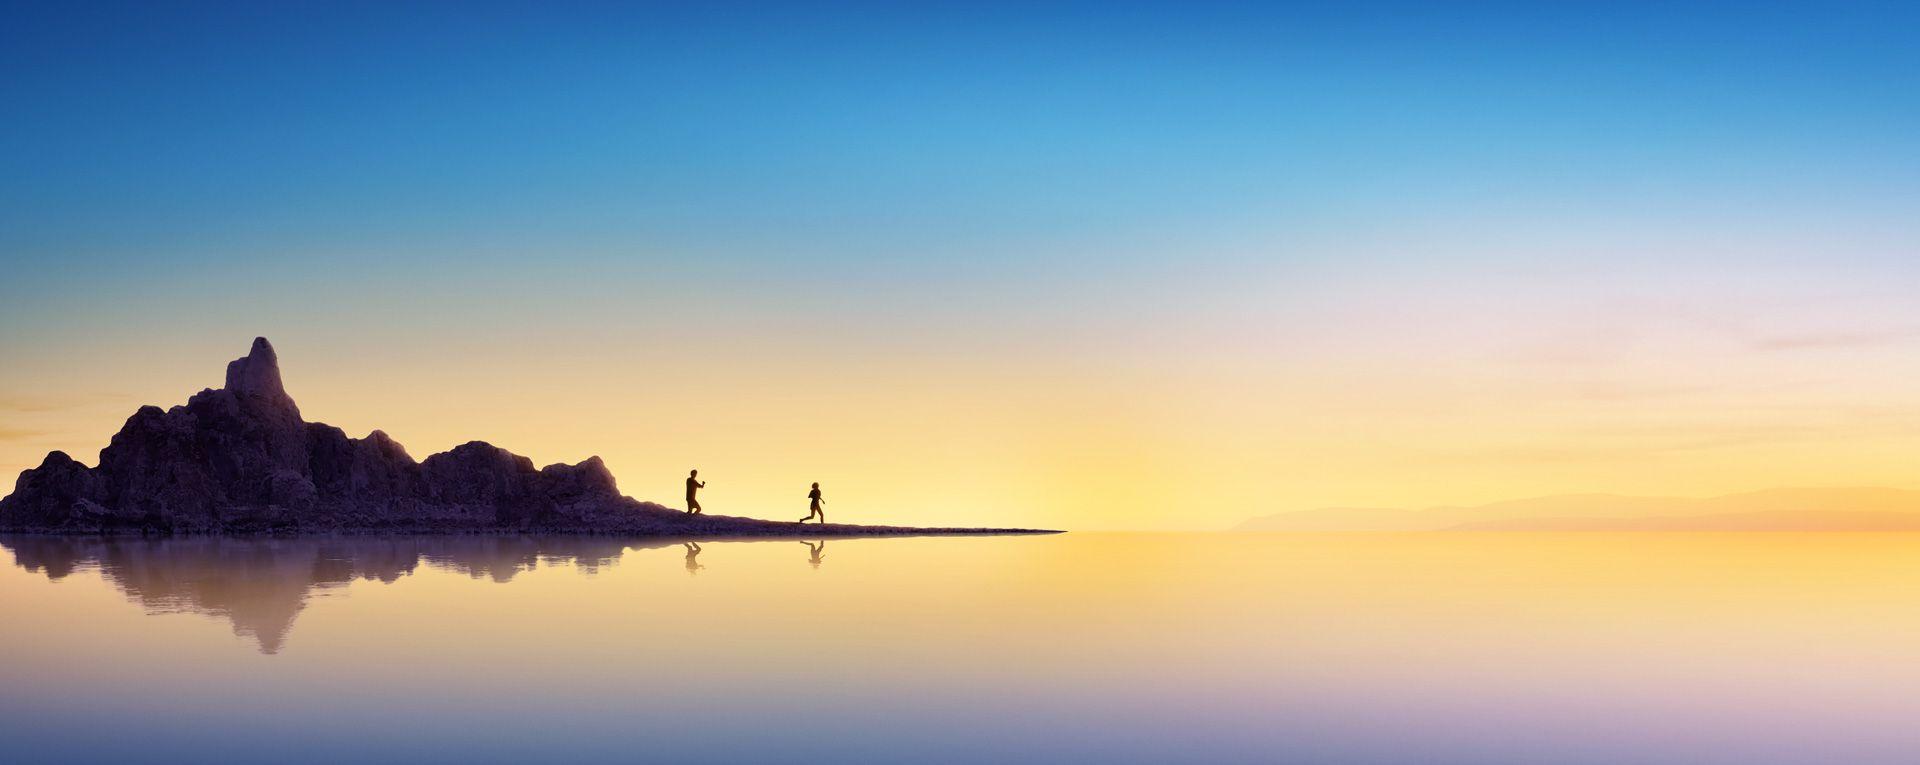 Imagen de un océano y una isla al amanecer